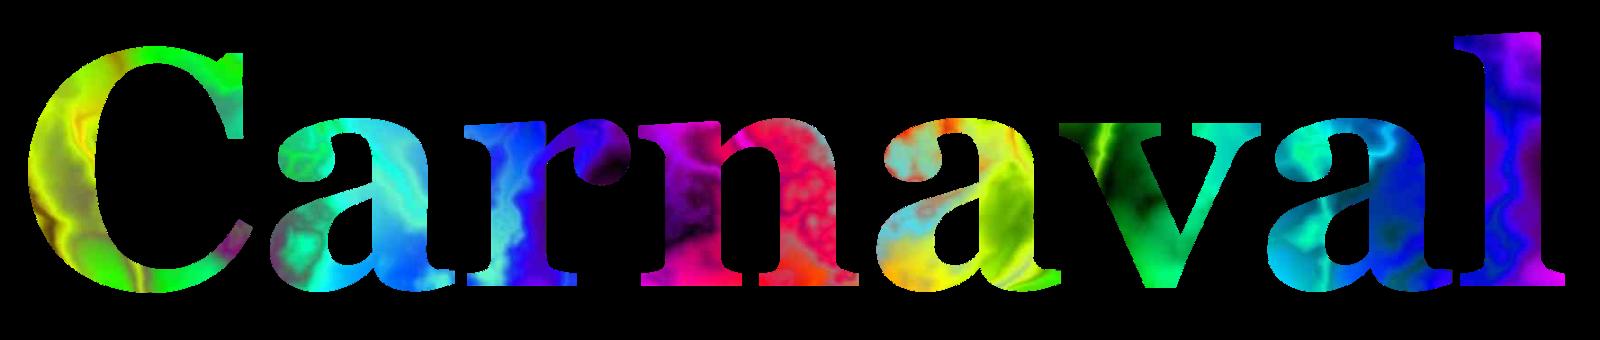 nome carnaval colorido com fundo transparente png